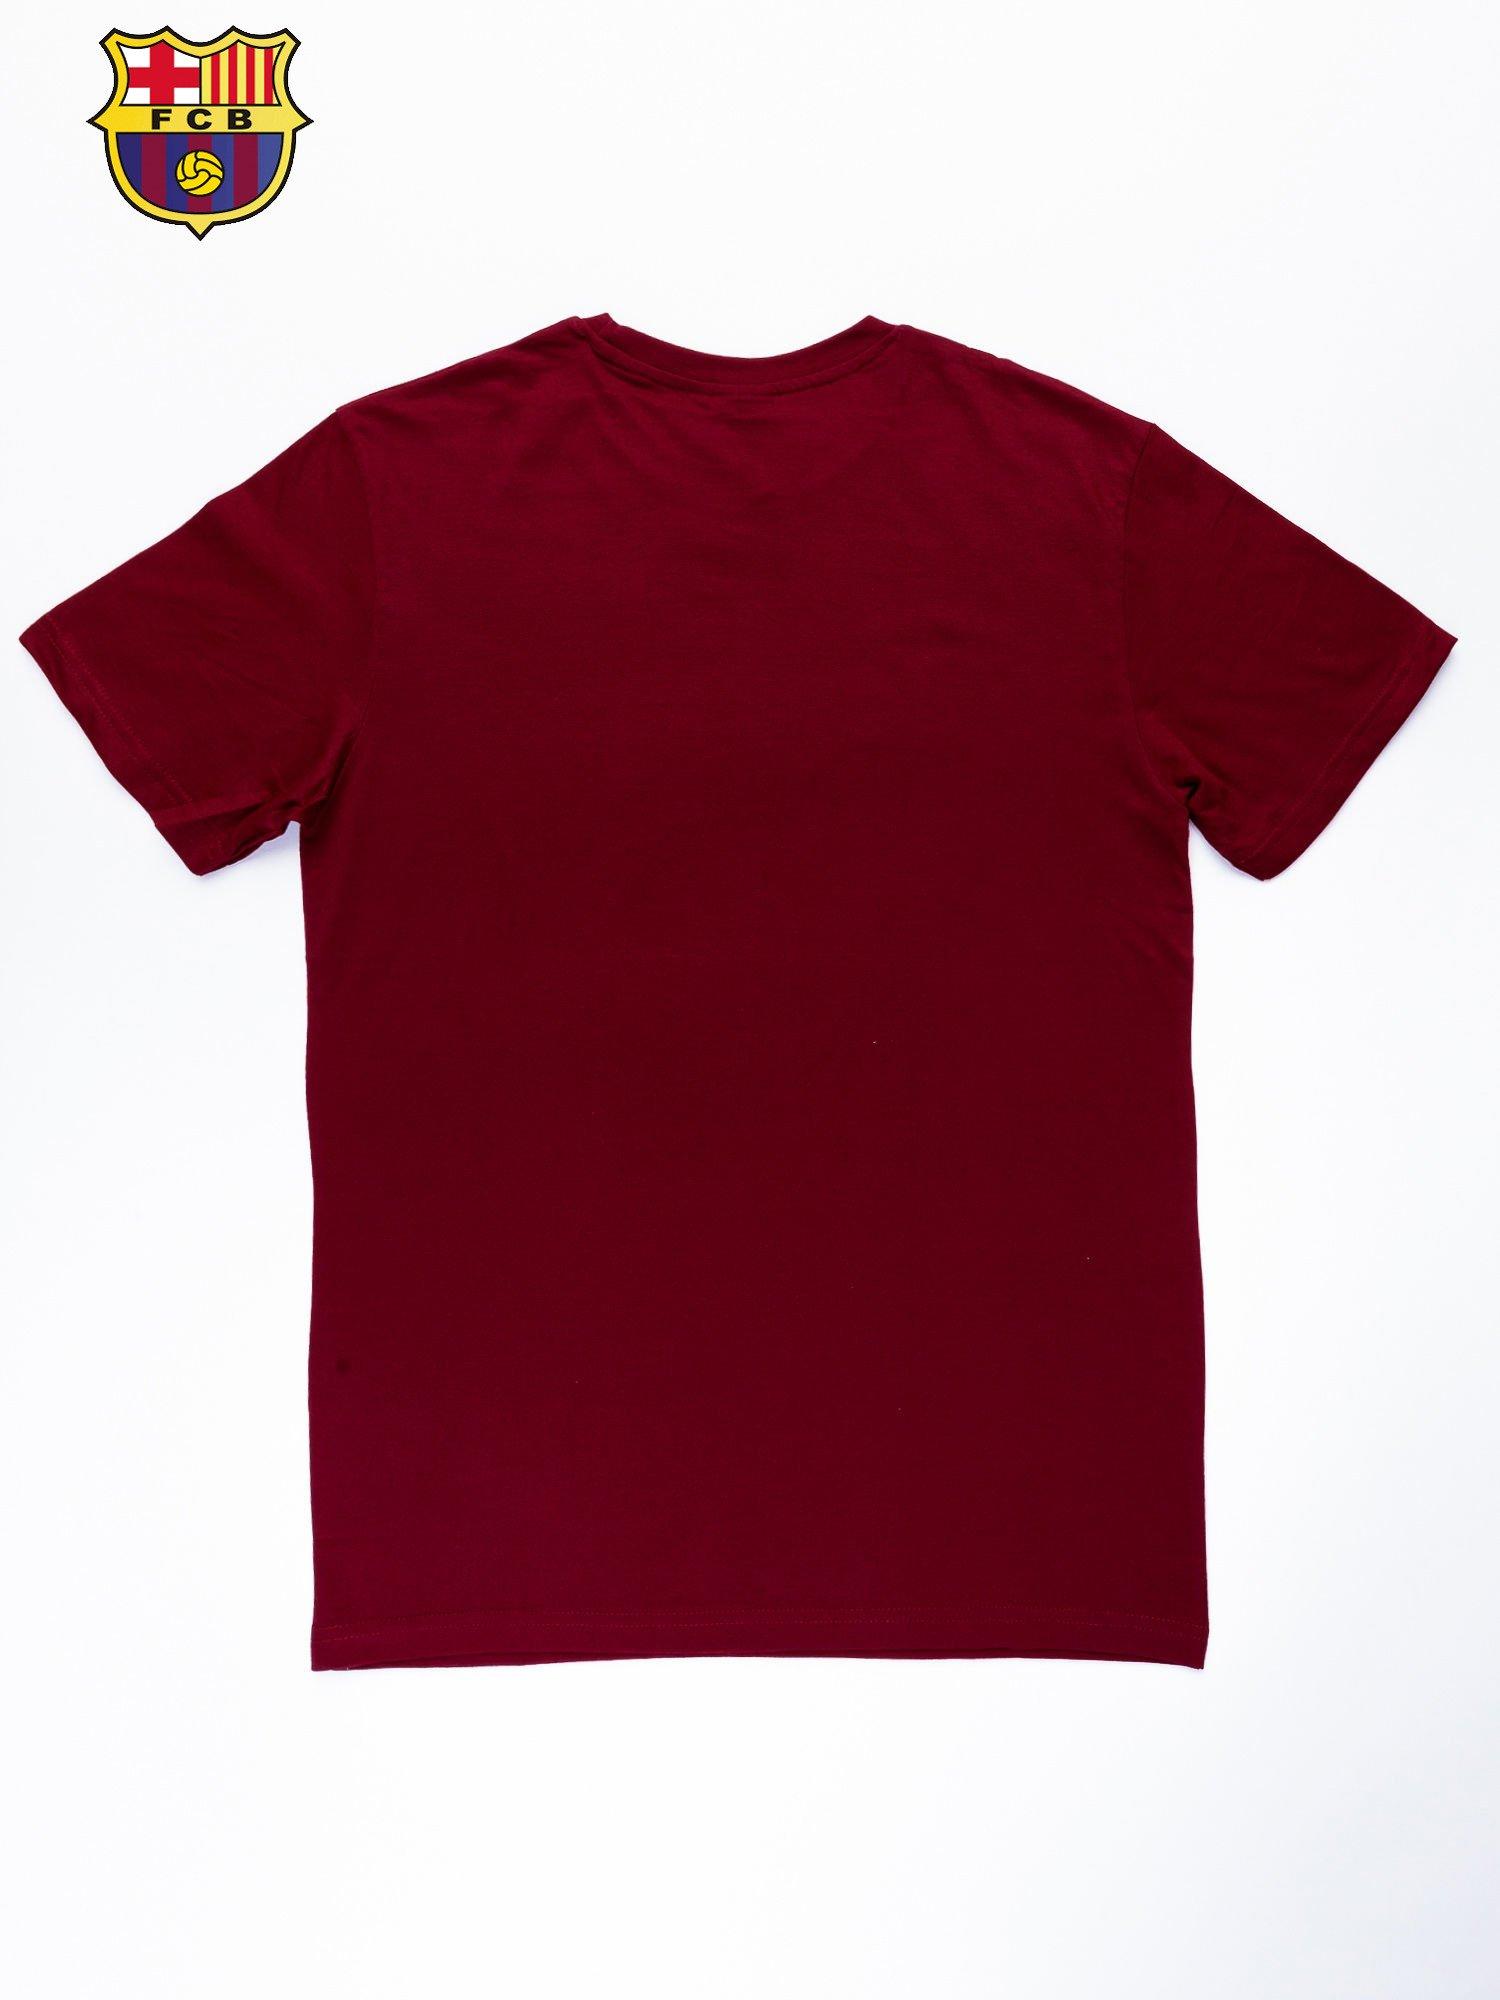 Ciemnoczerwony t-shirt męski FC BARCELONA                                   zdj.                                  11